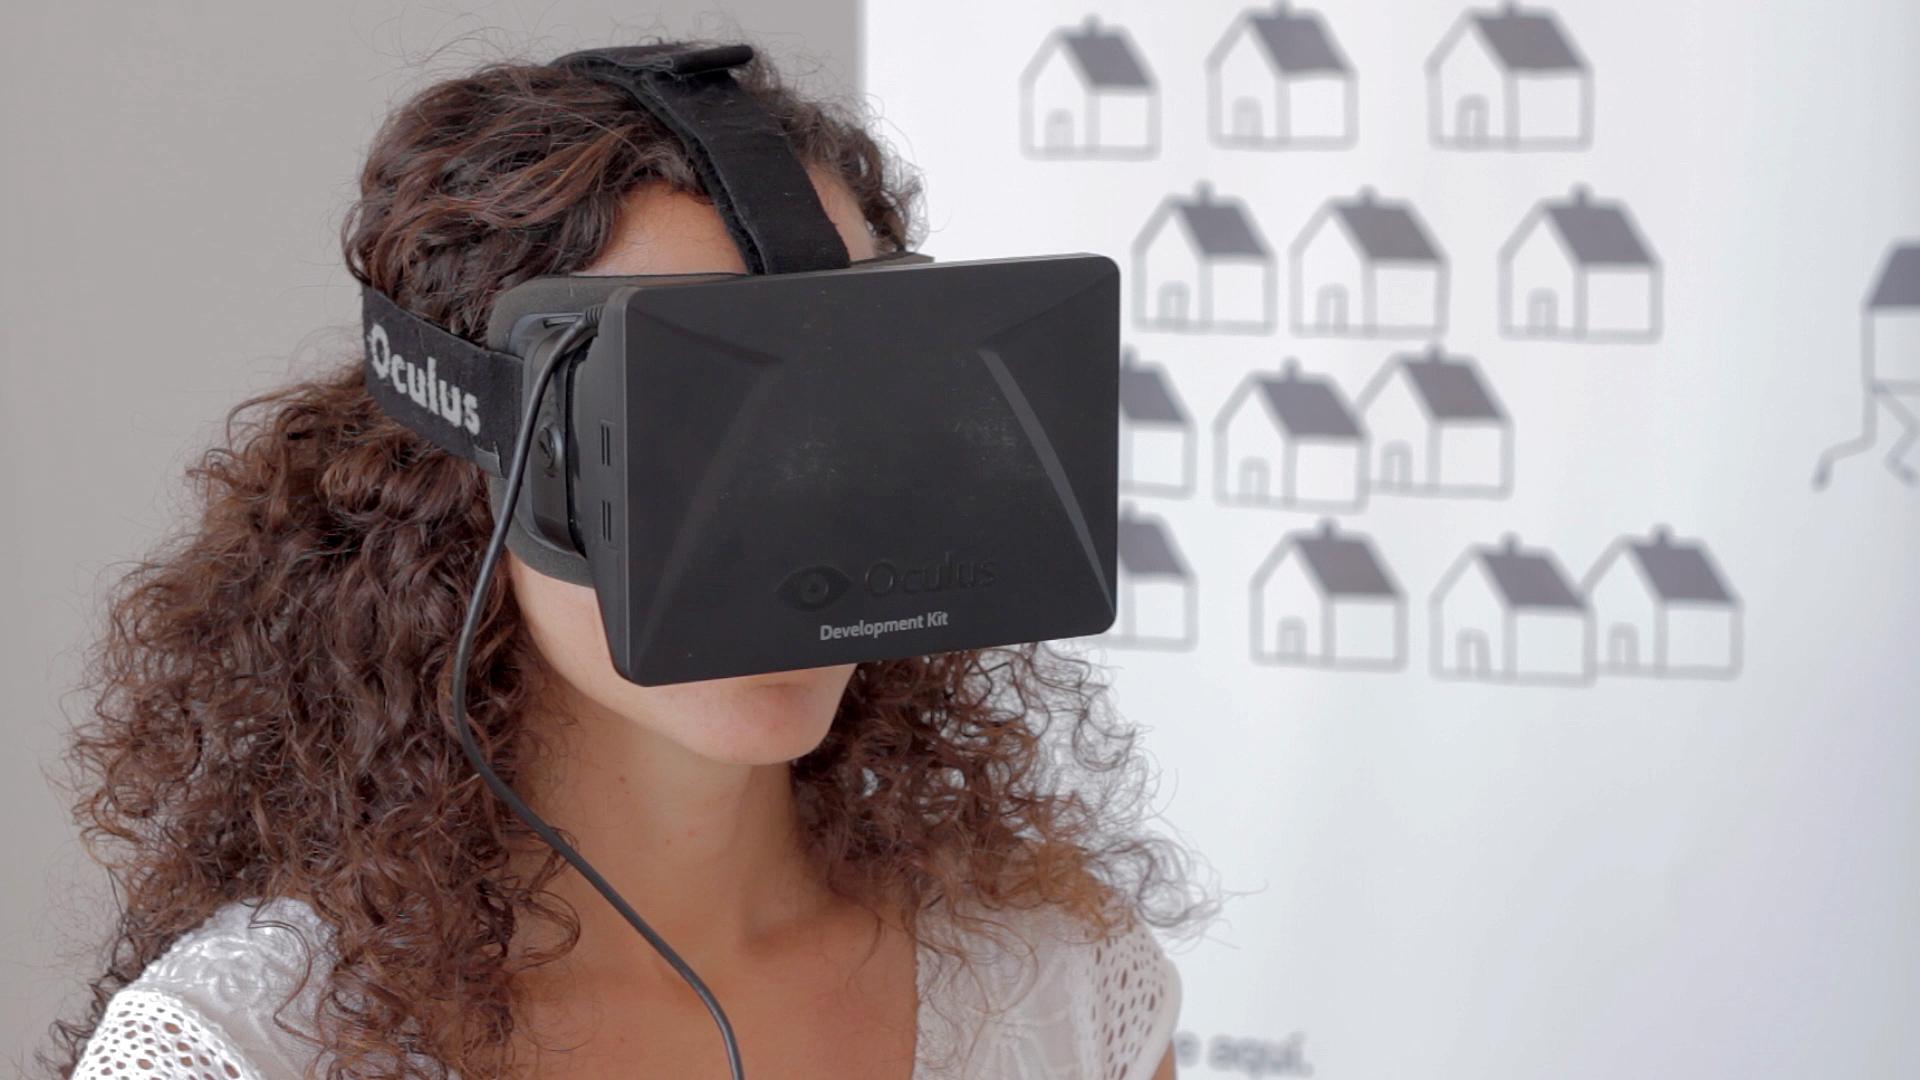 La realidad virtual para vender casas llega a España